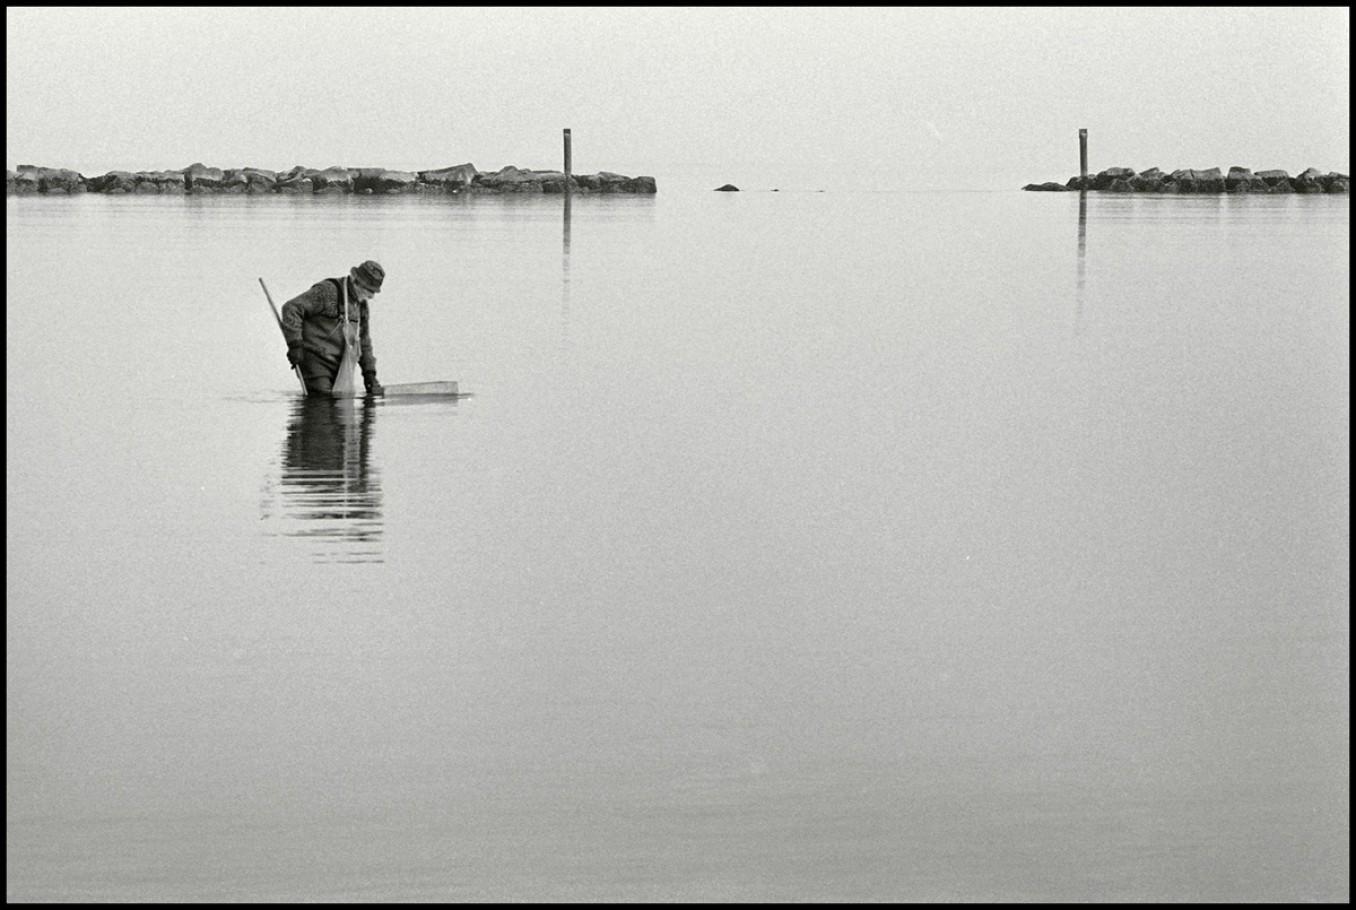 Gennaio 2007, pesca di vongole a Lido di Dante